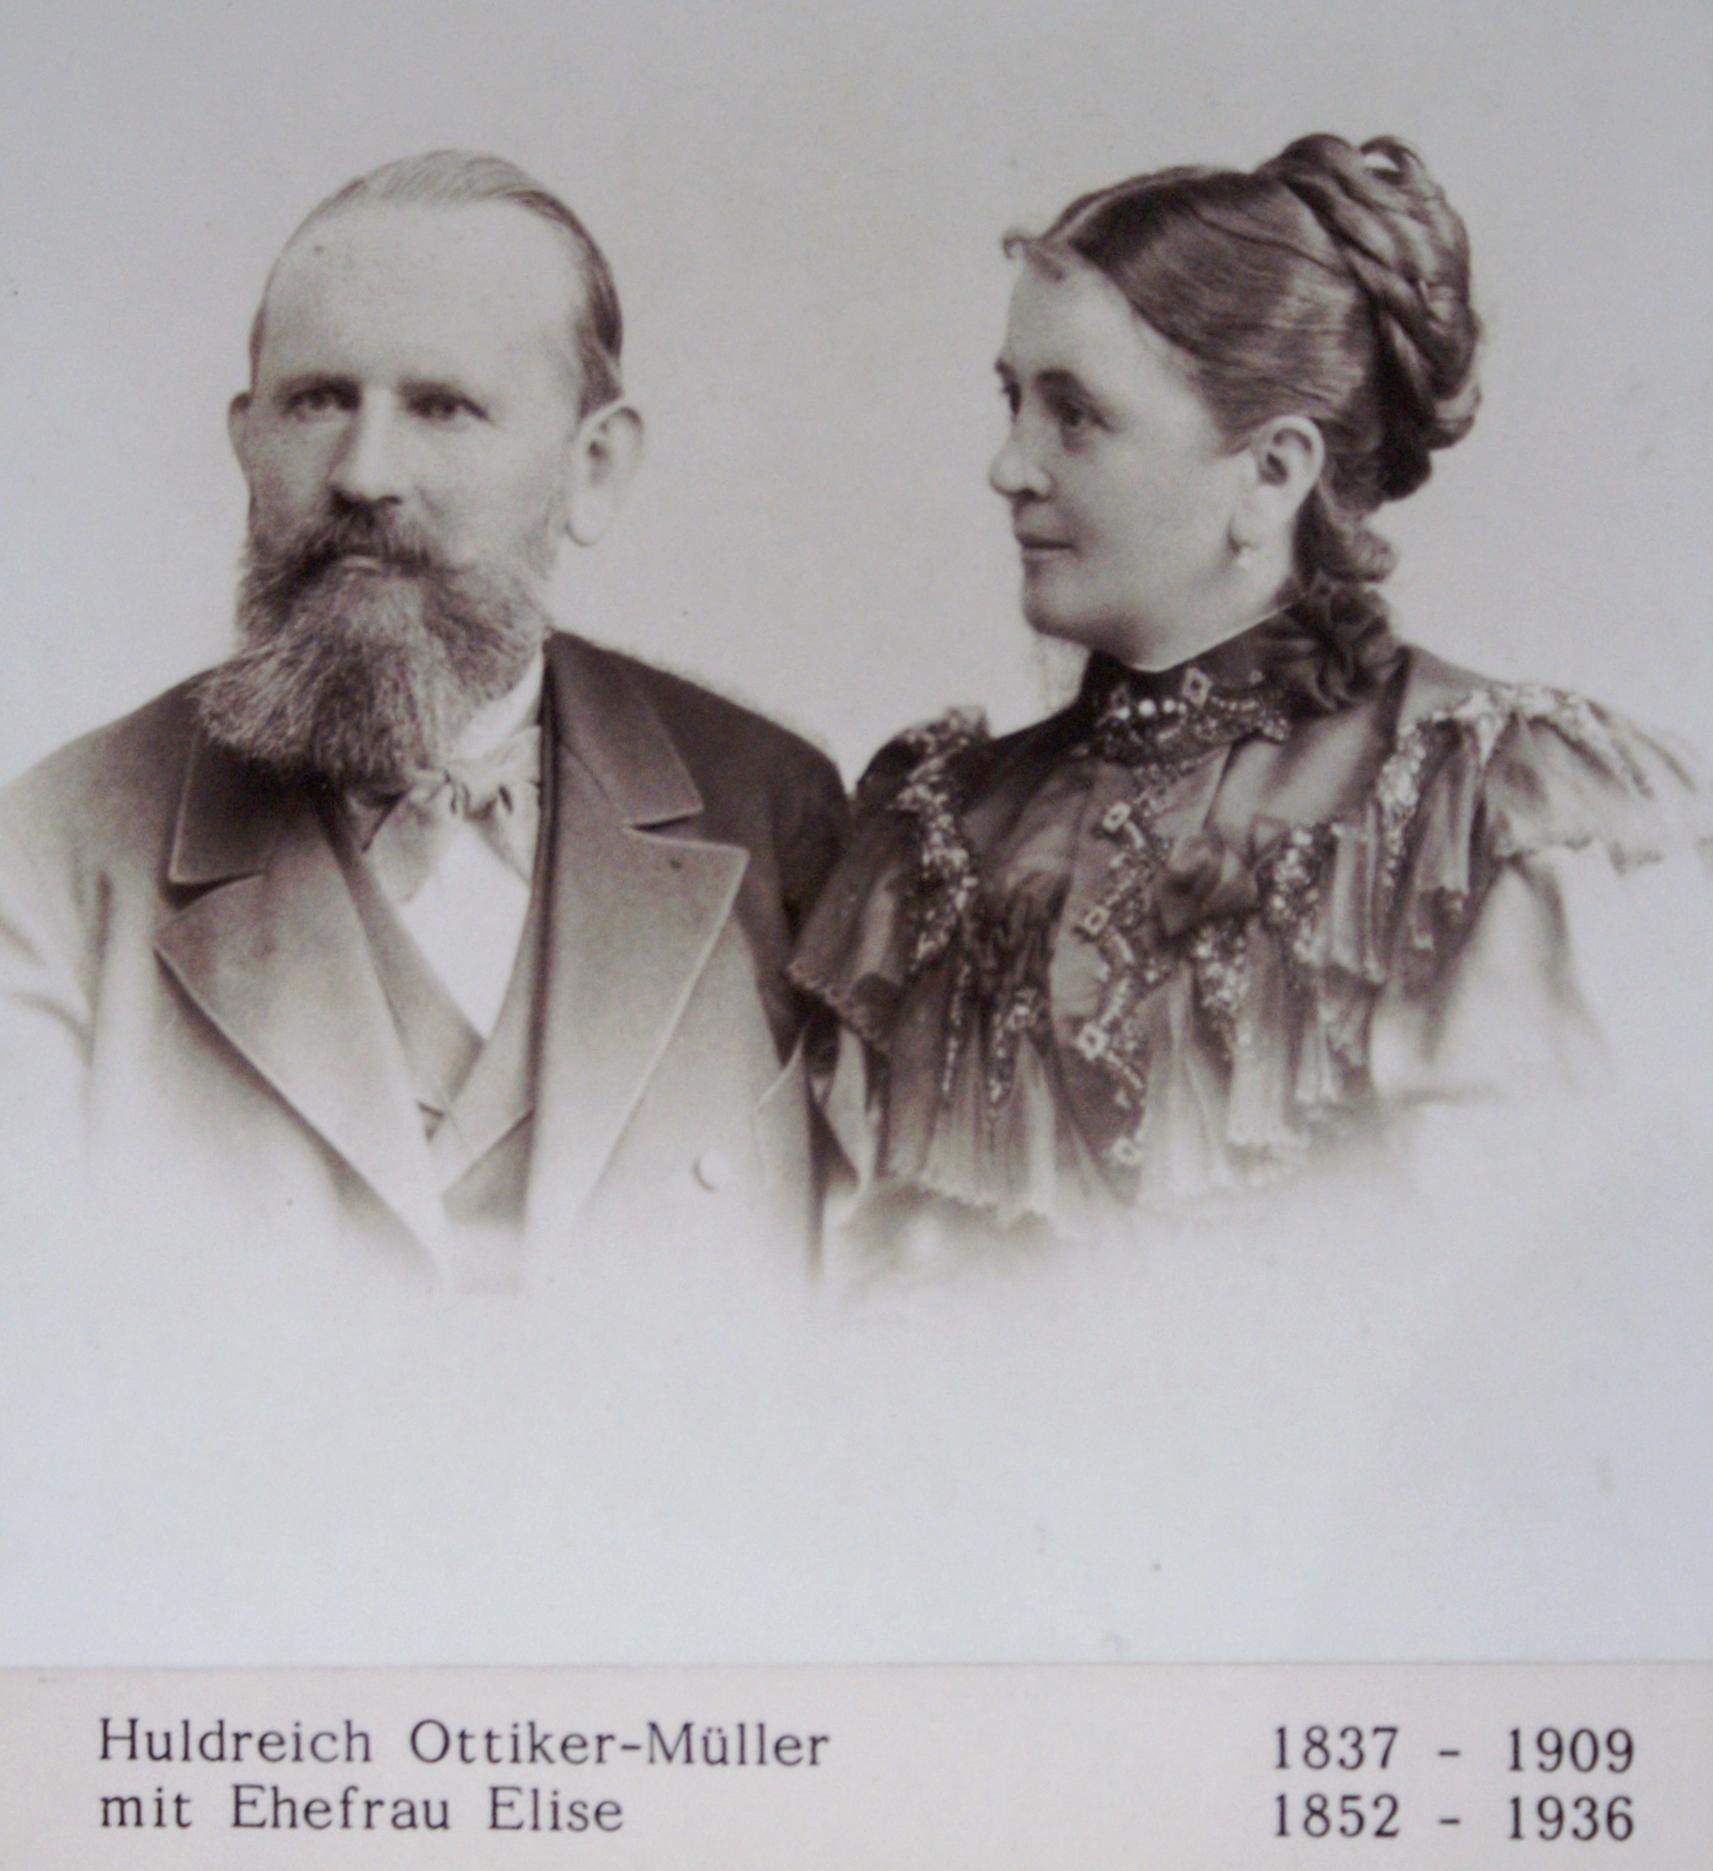 Das Textilunternehmer-Ehepaar Ottiker-Müller erwirbt die Feldegg 1882, baut um und benennt die Wohnstätte fortan Lindengut